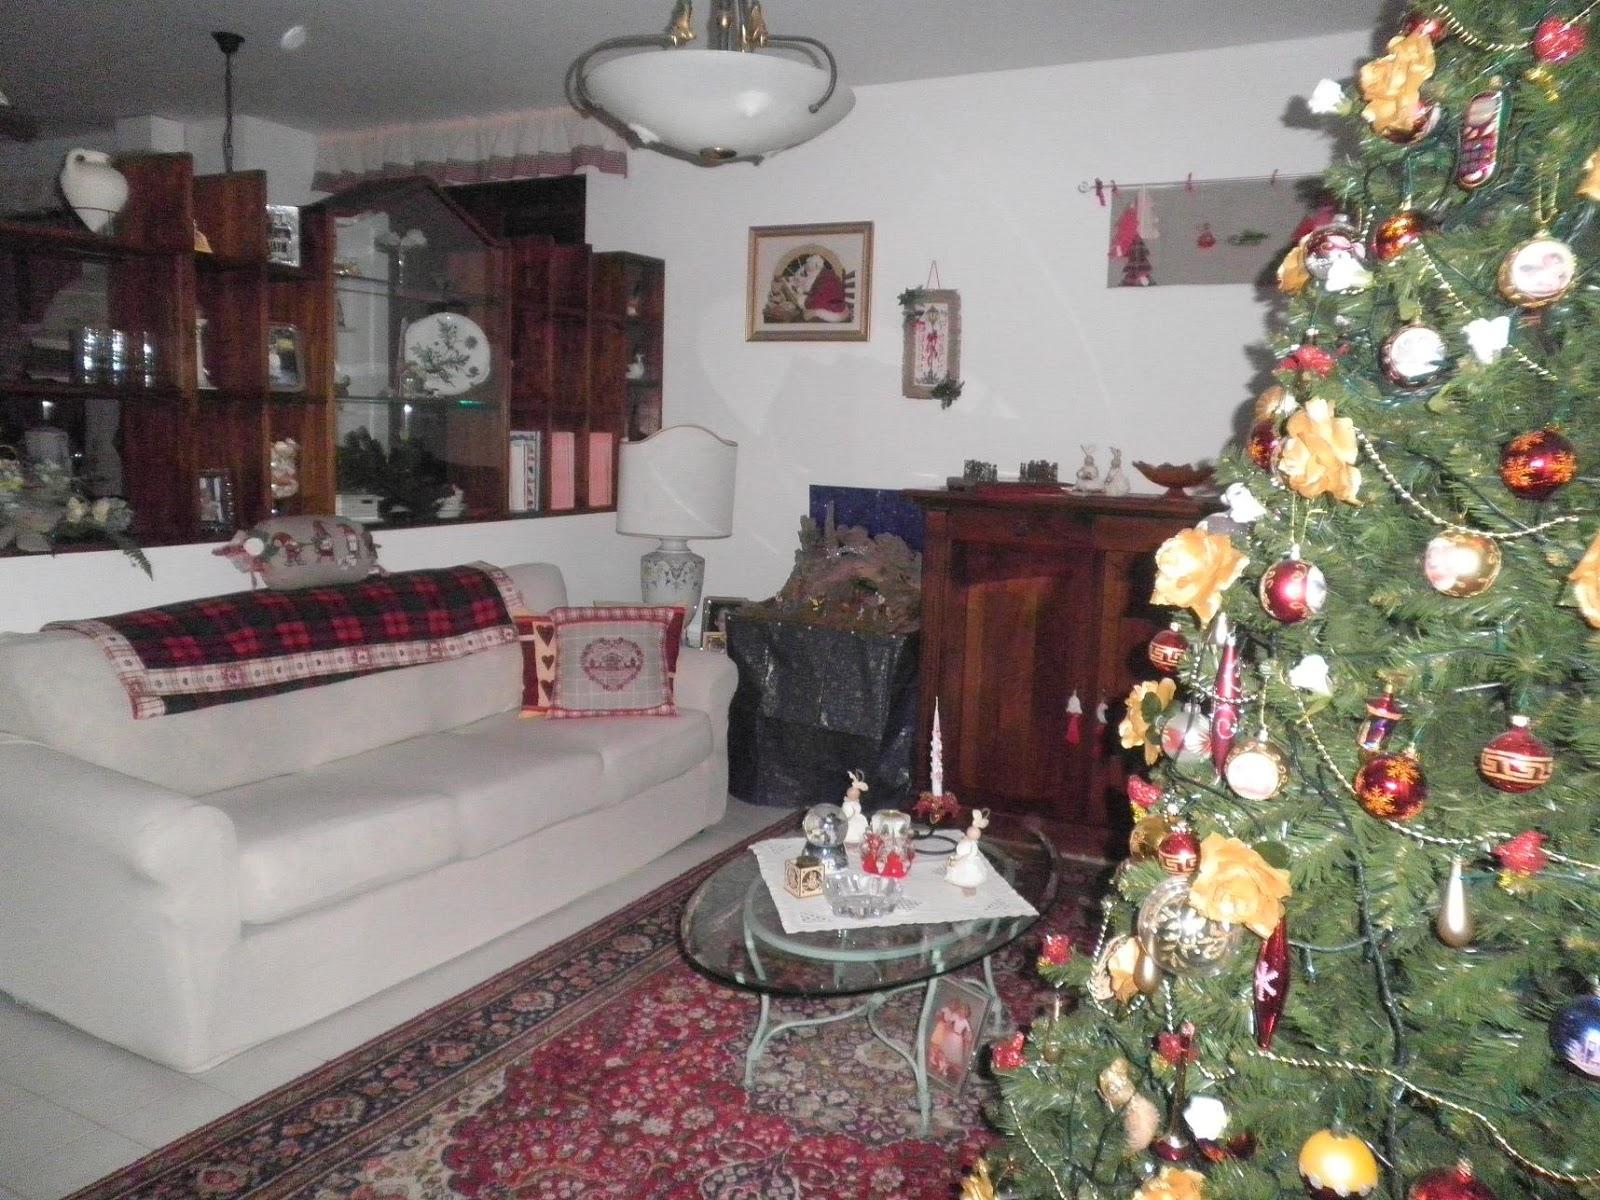 Idee filo e stoffa apro le porte della mia casa in stile for Planimetrie della casa in stile spagnolo